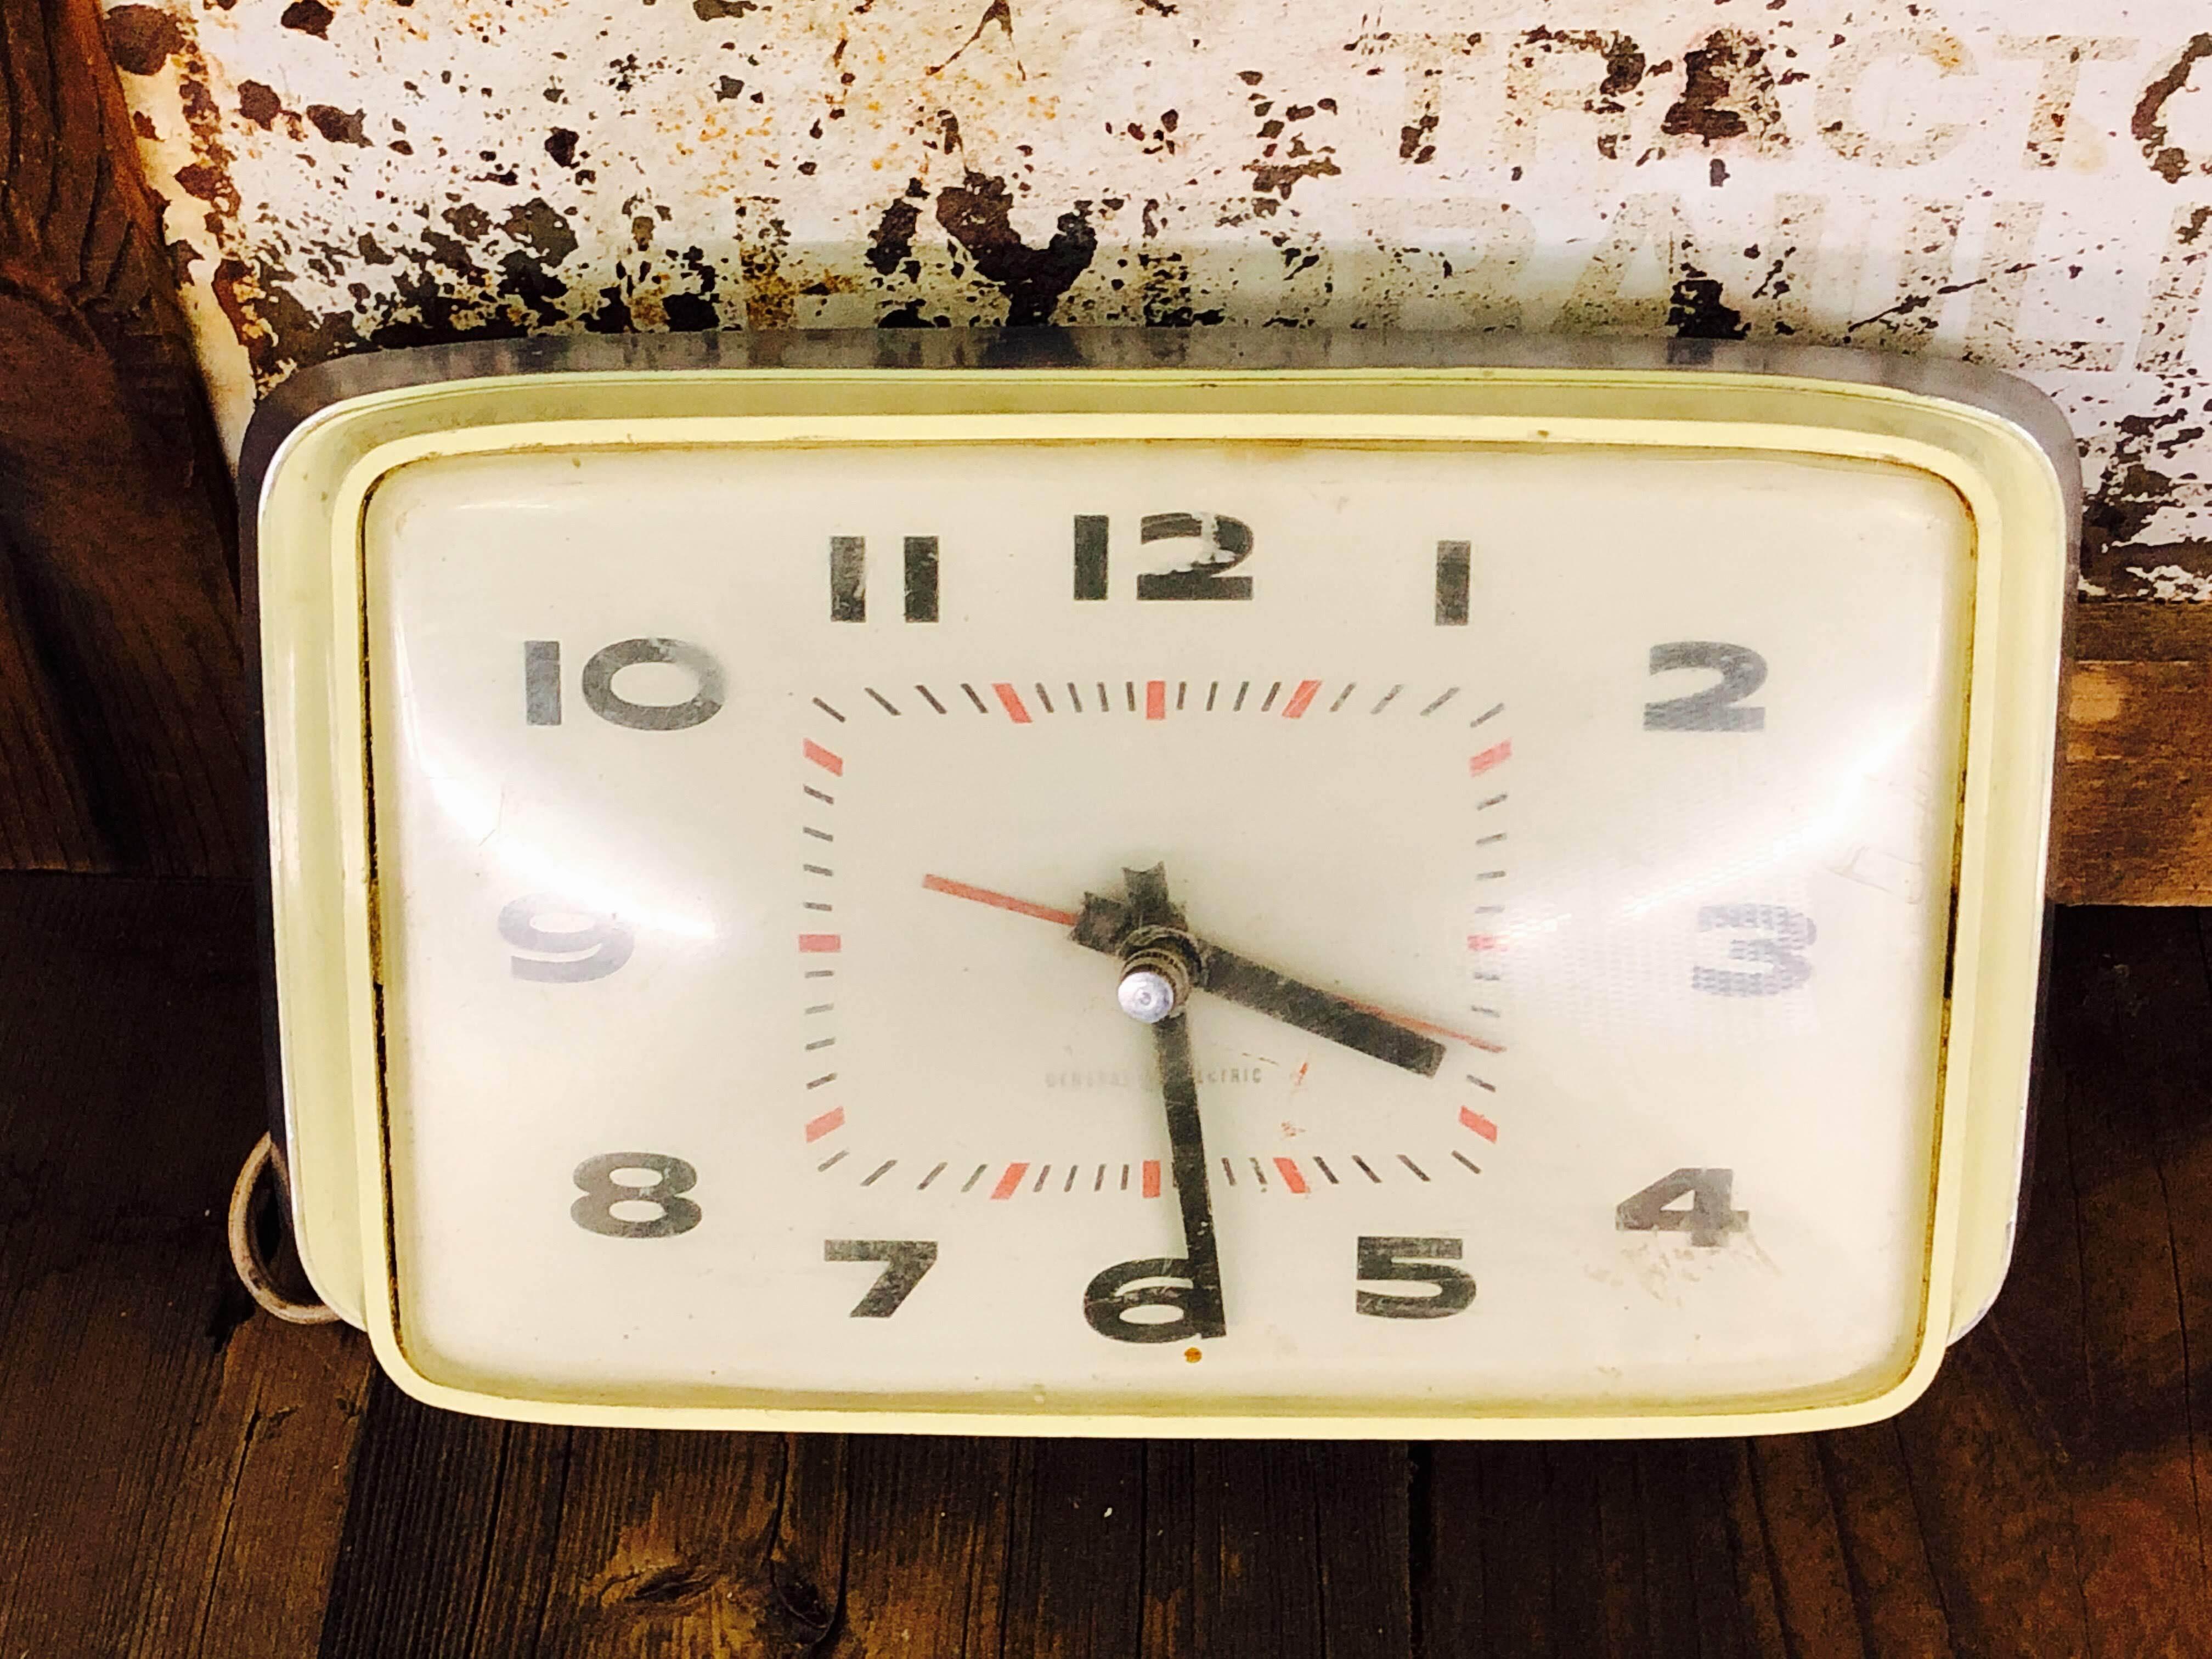 品番1124 掛け時計 GENERAL ELECTRIC(ゼネラルエレクトリック) インテリア アンティーク ヴィンテージ